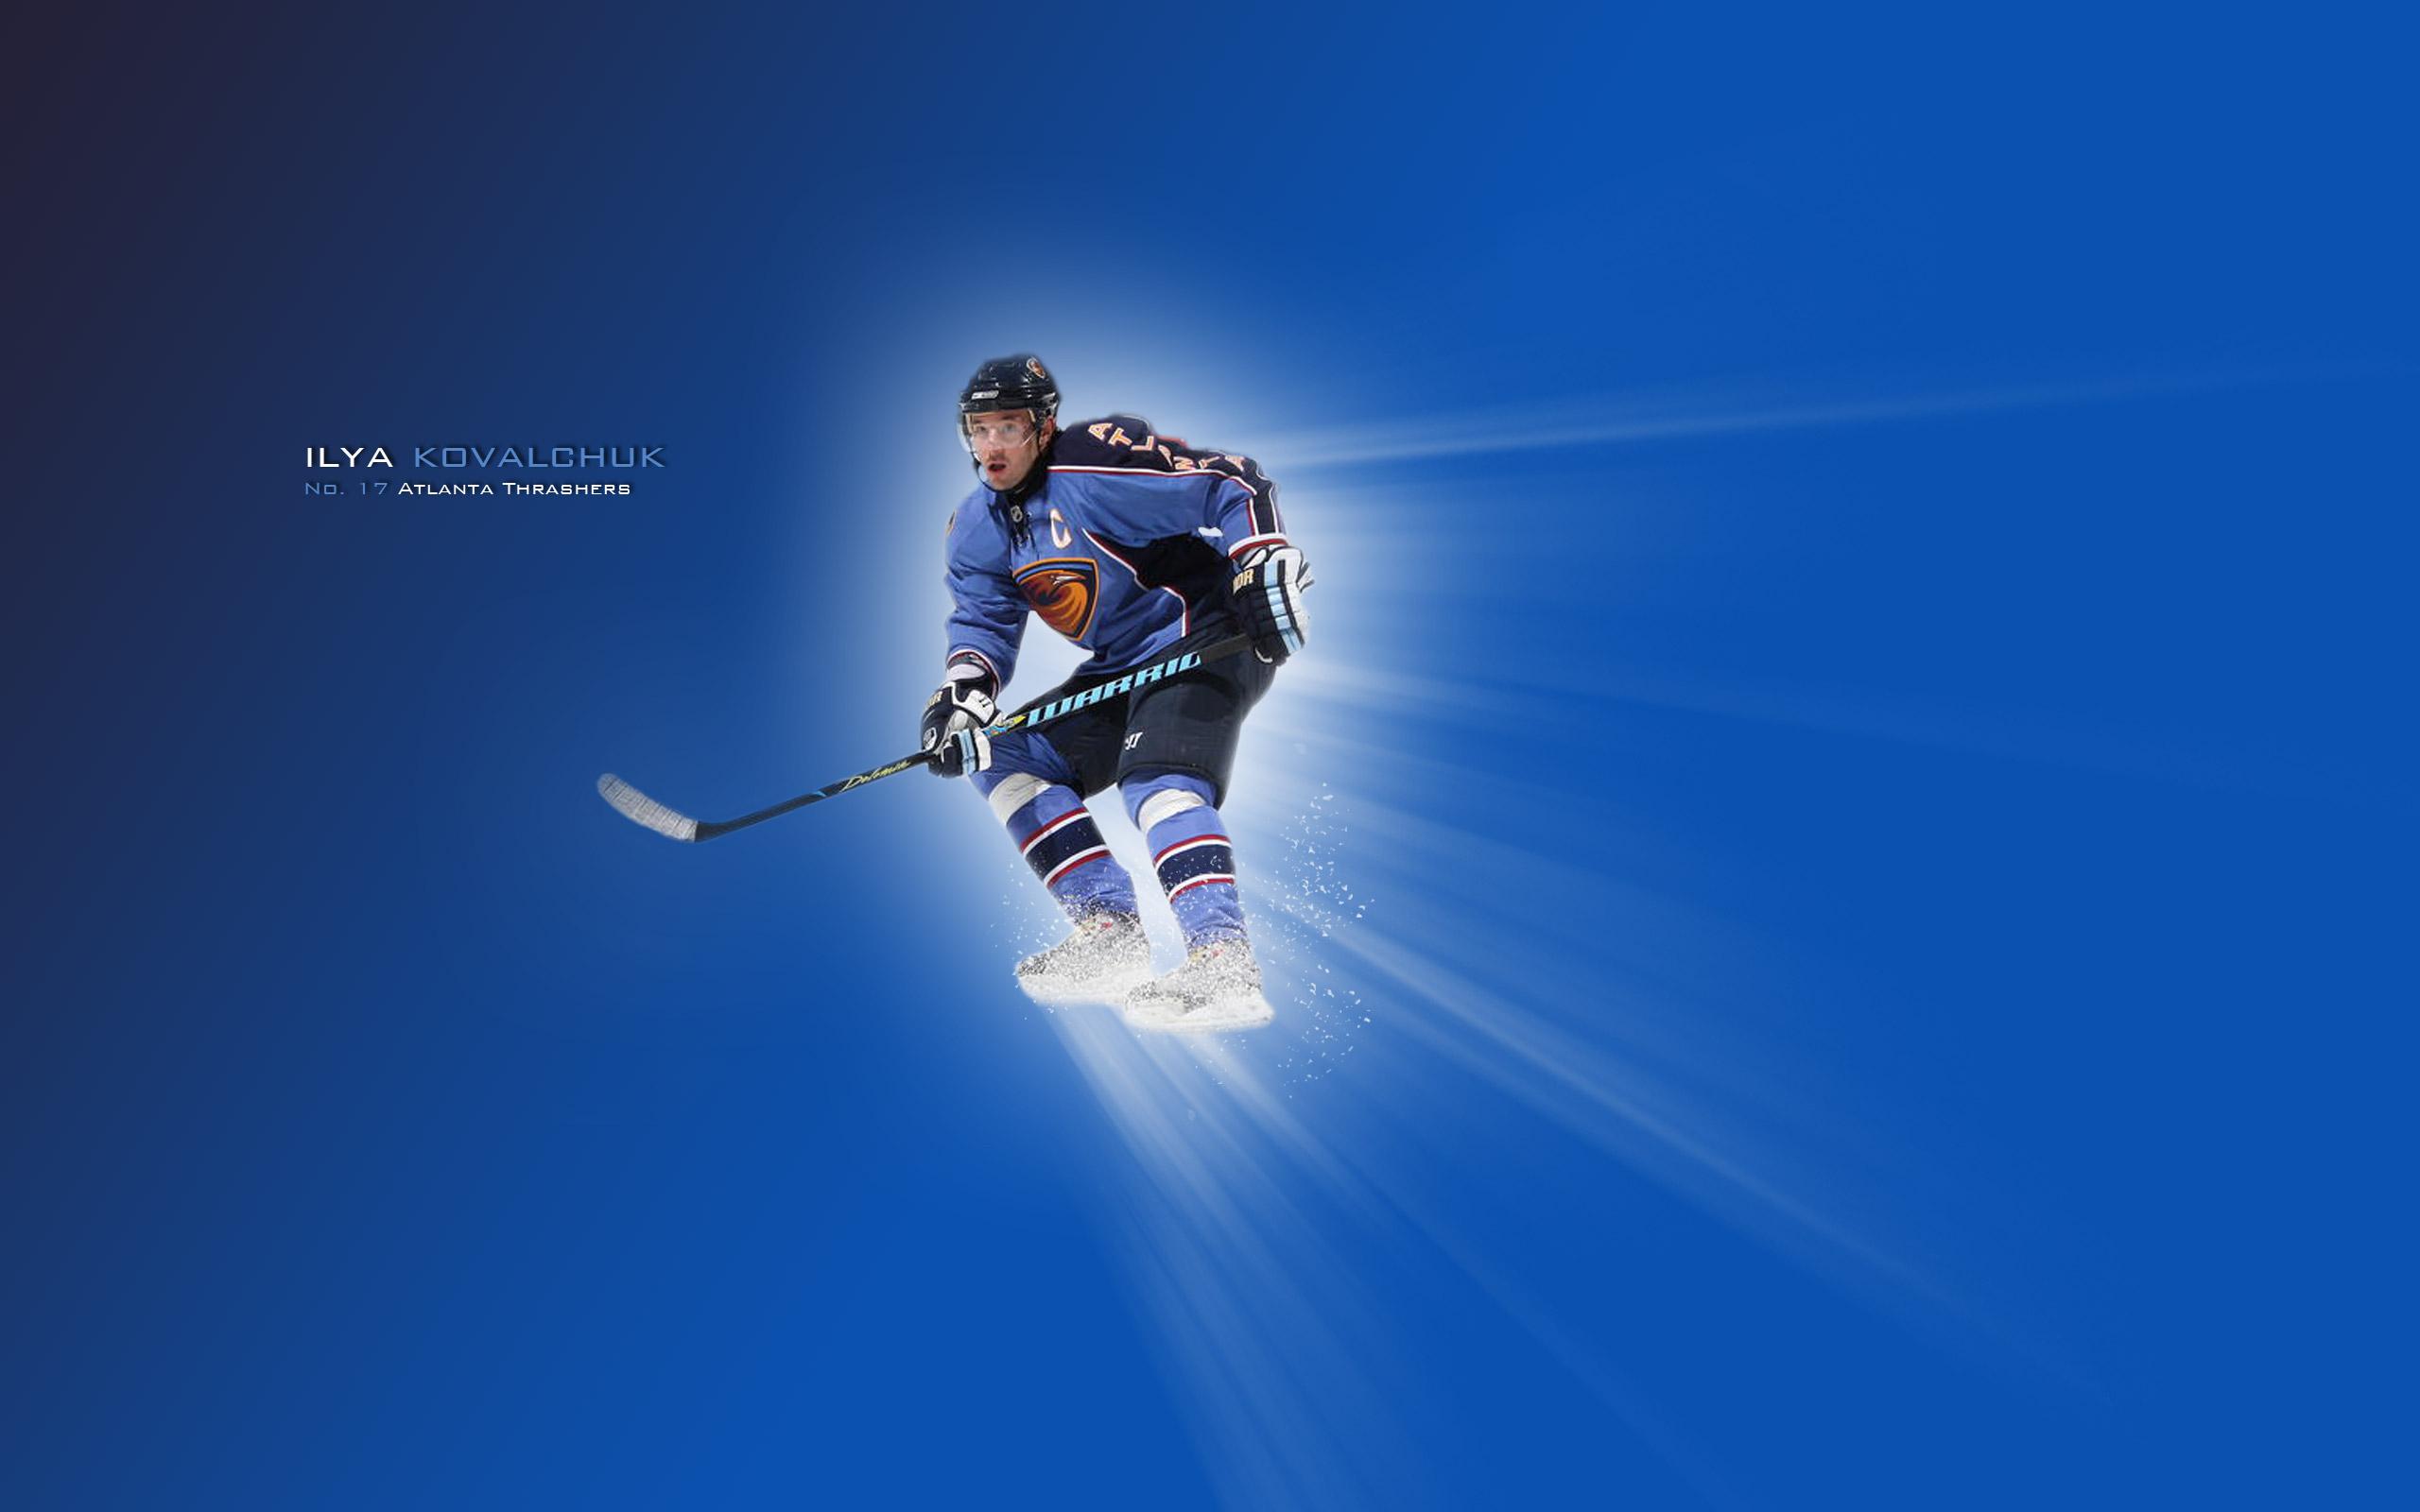 хоккей, фото, обои для рабочего стола, скачать бесплатно